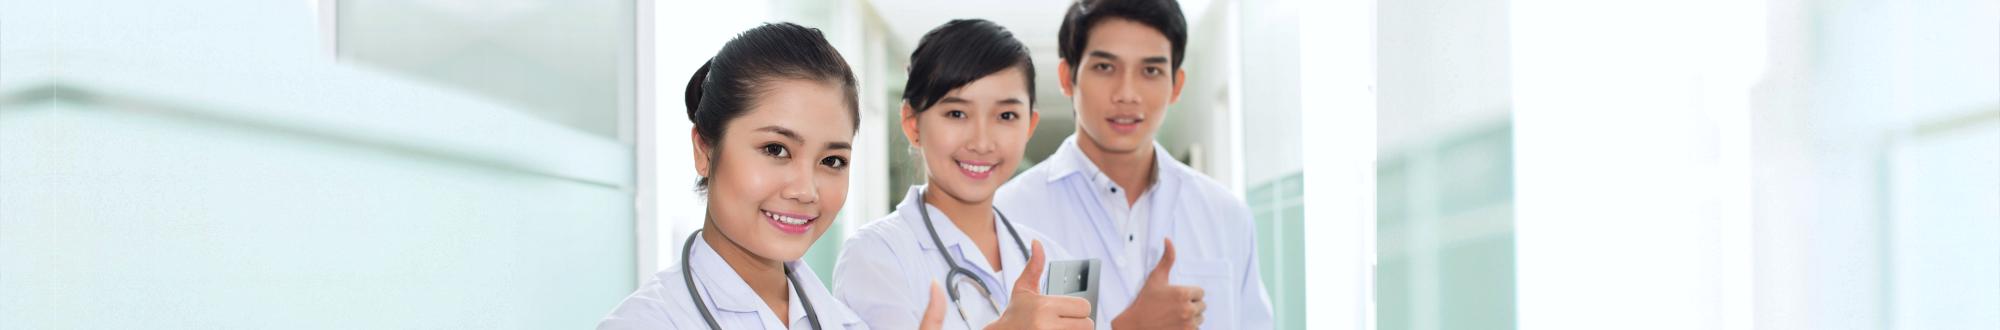 nurses smiling at camera